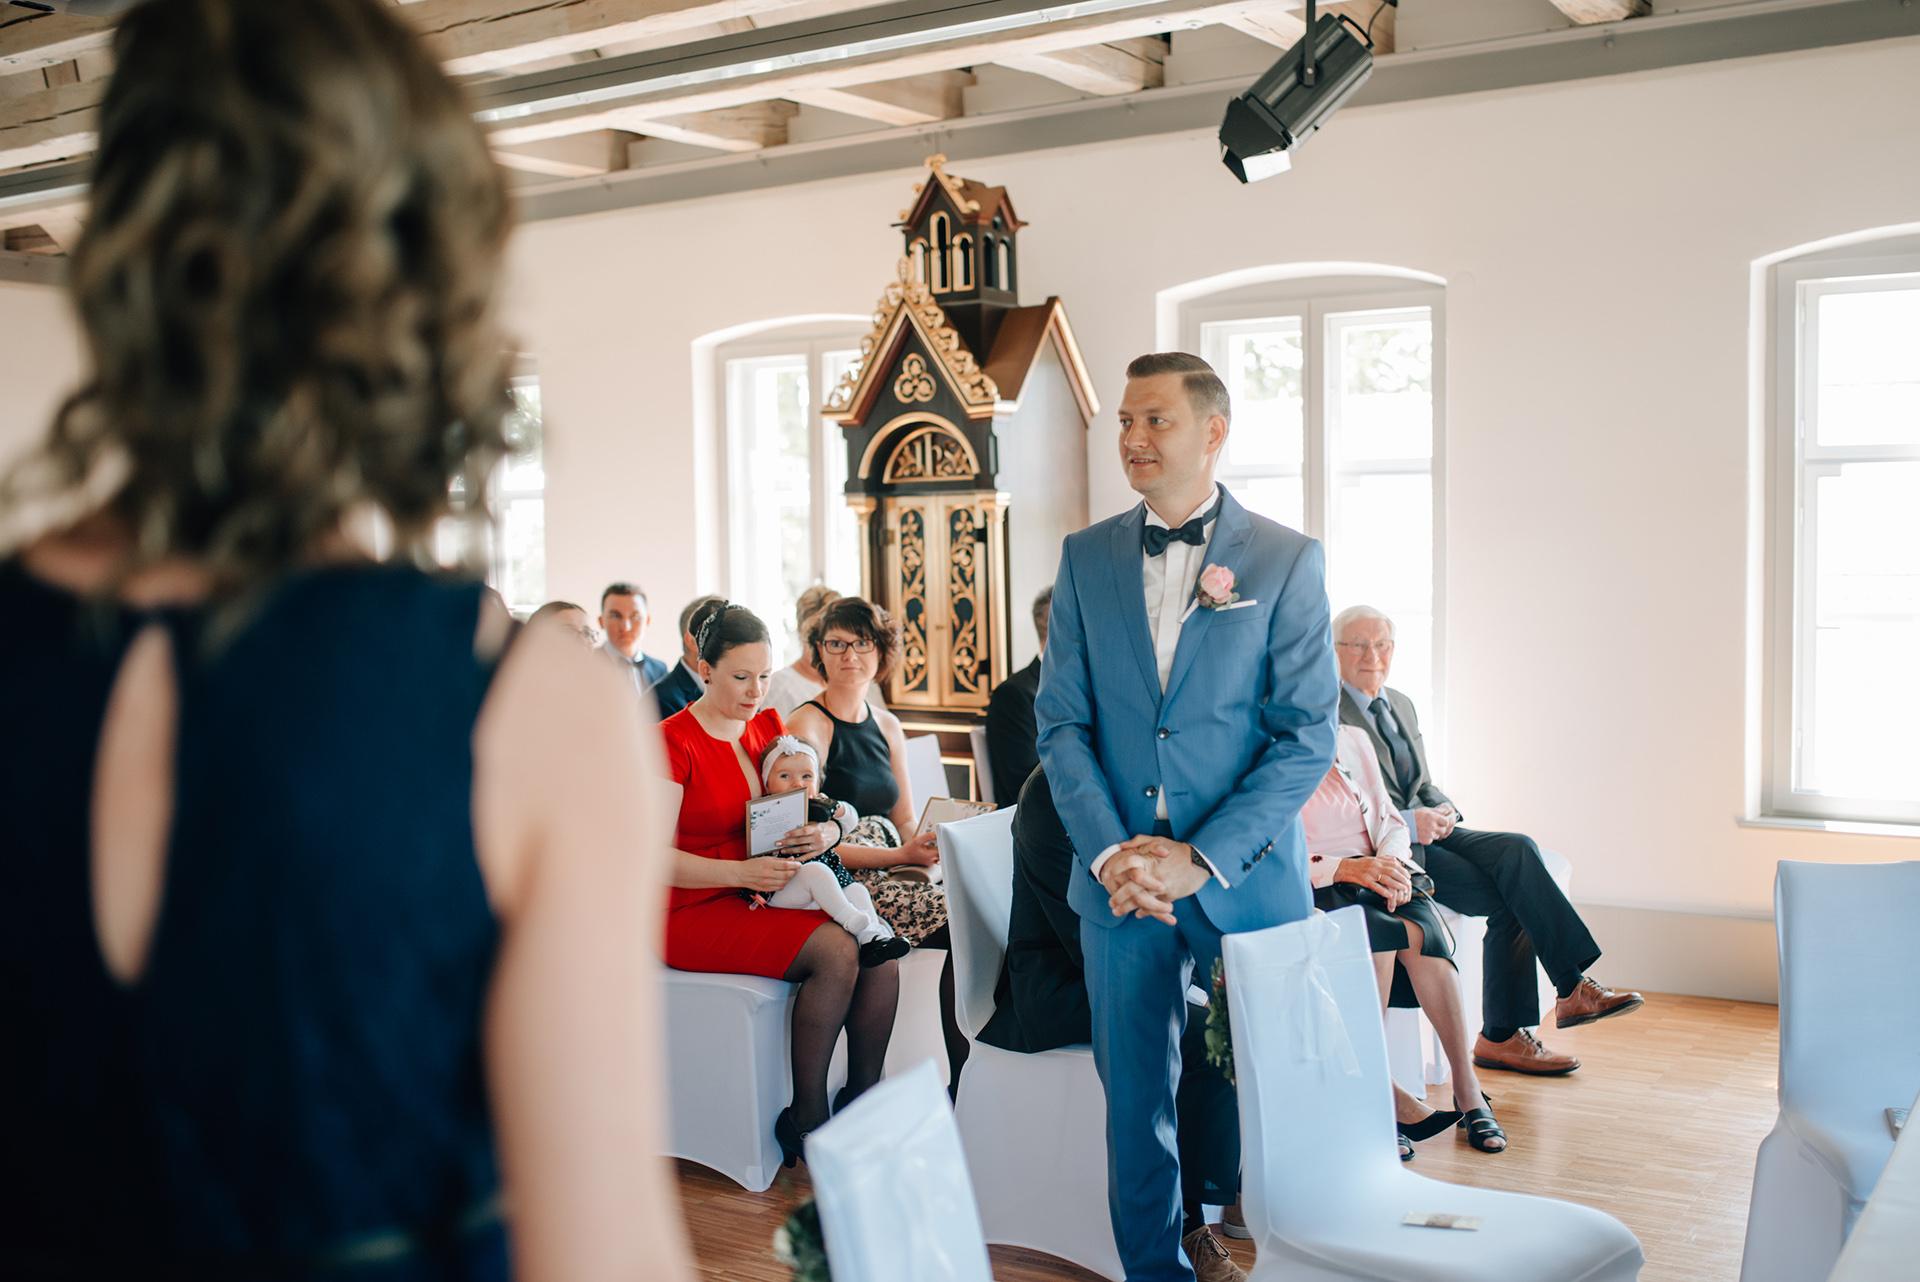 Schloß Sassanfahrt, Herzfotografie, Hochzeit, Hochzeitsfotografie, Hochzeitsfotograf, Fotograf Hochzeit Nürnberg, Fotograf Hochzeit Herzogenaurach, Fotograf Hochzeit Fürth, Fotograf Hochzeit Forchheim